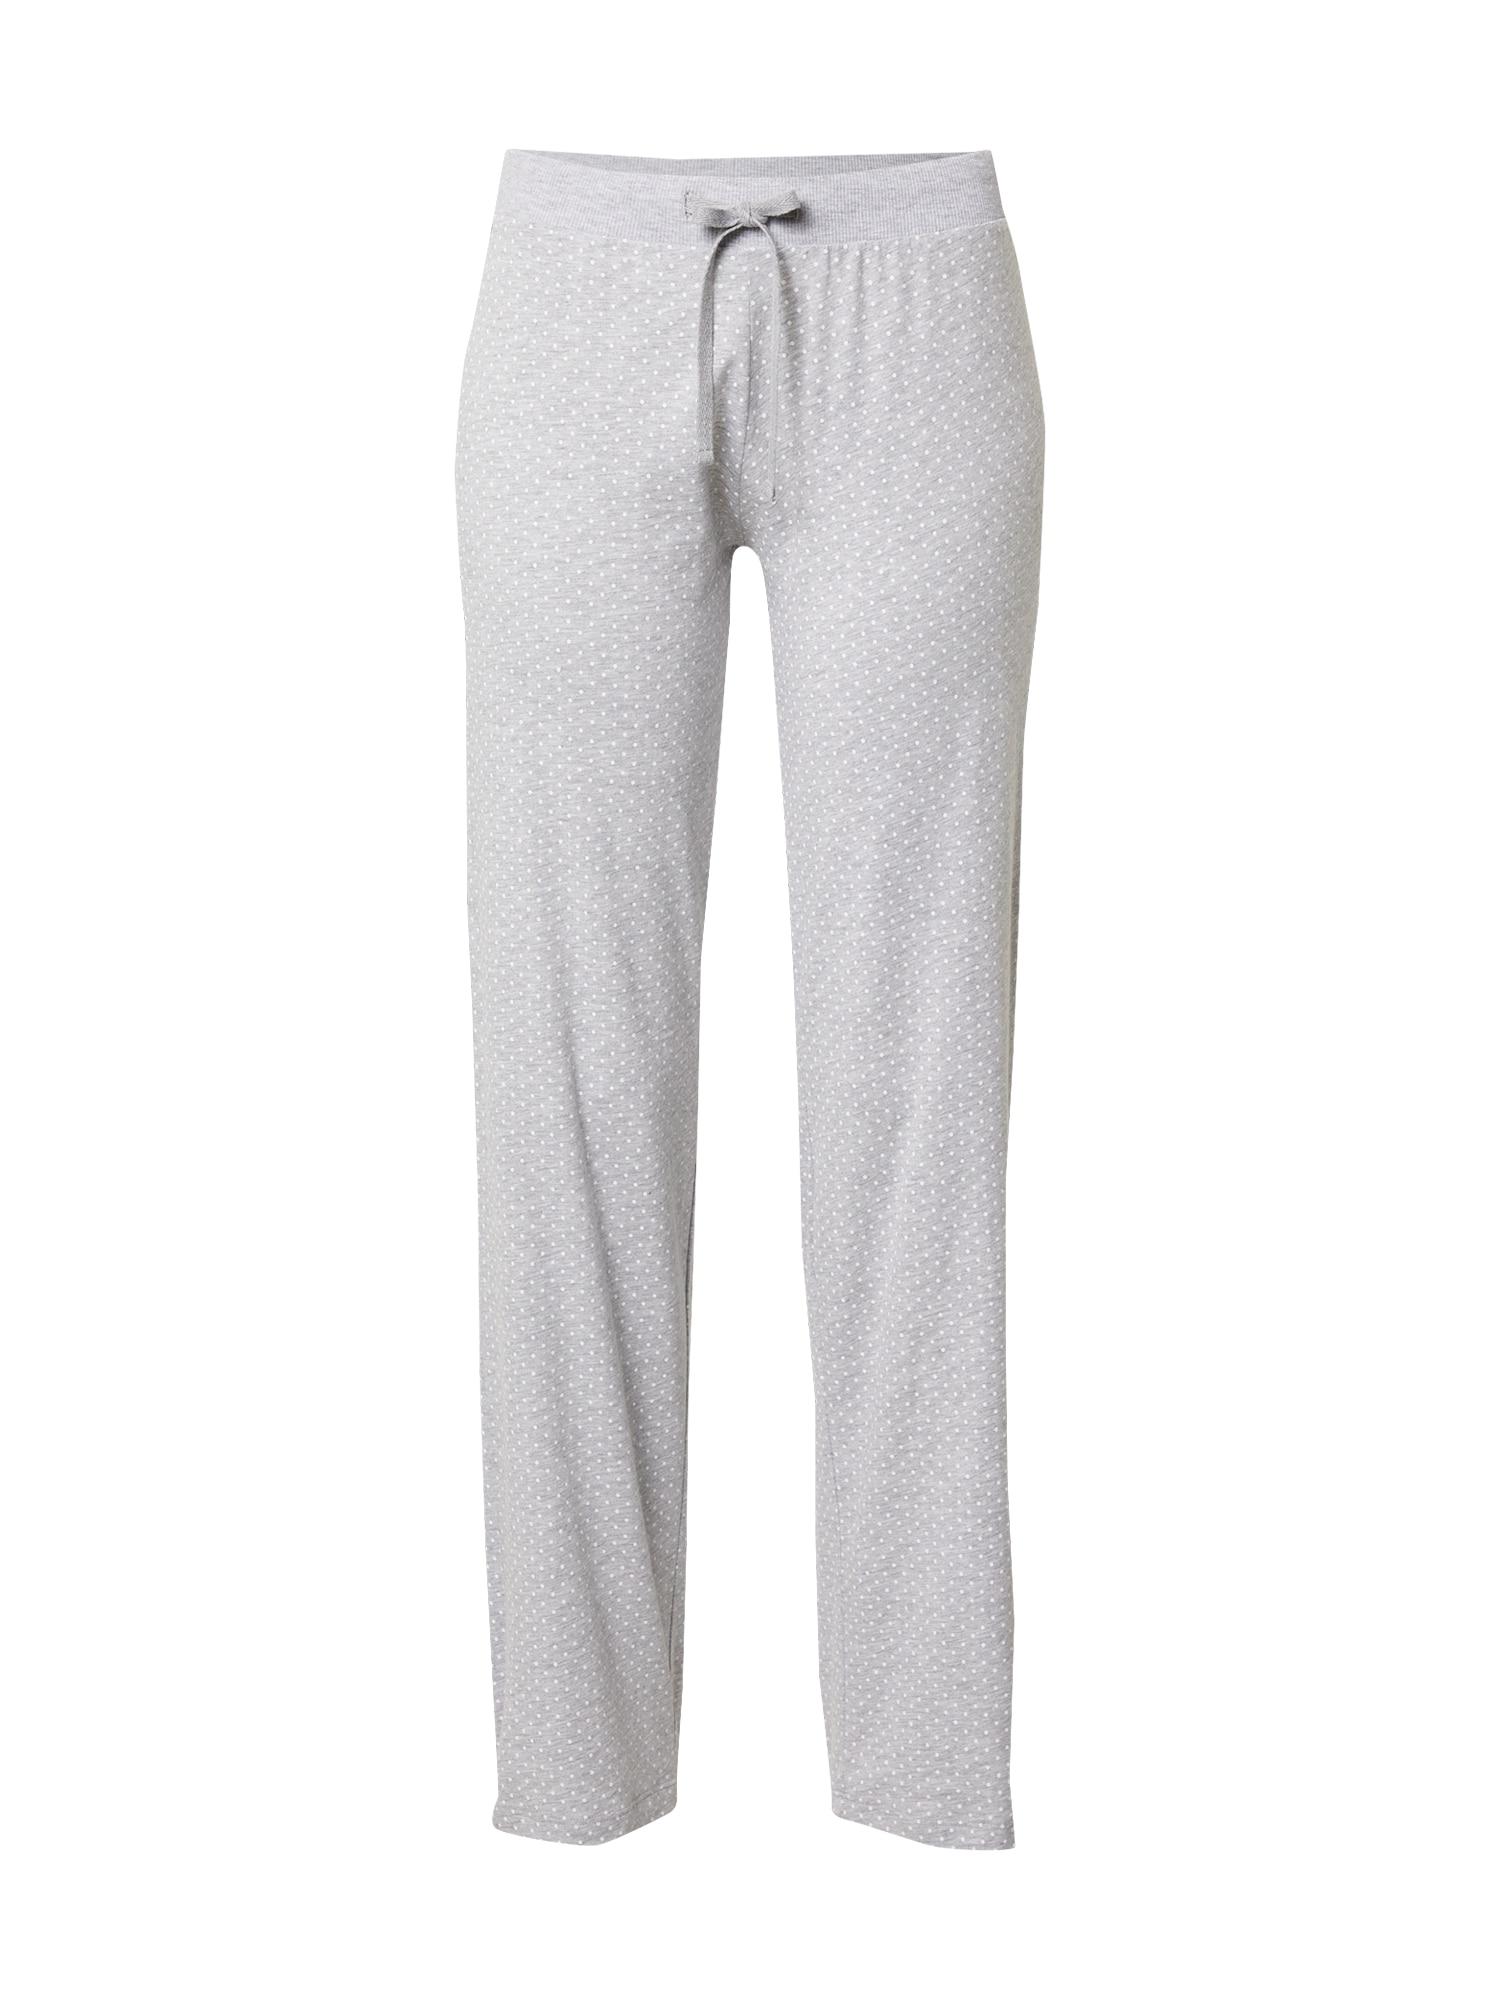 ESPRIT Pyžamové kalhoty 'Jordyn'  světle šedá / bílá